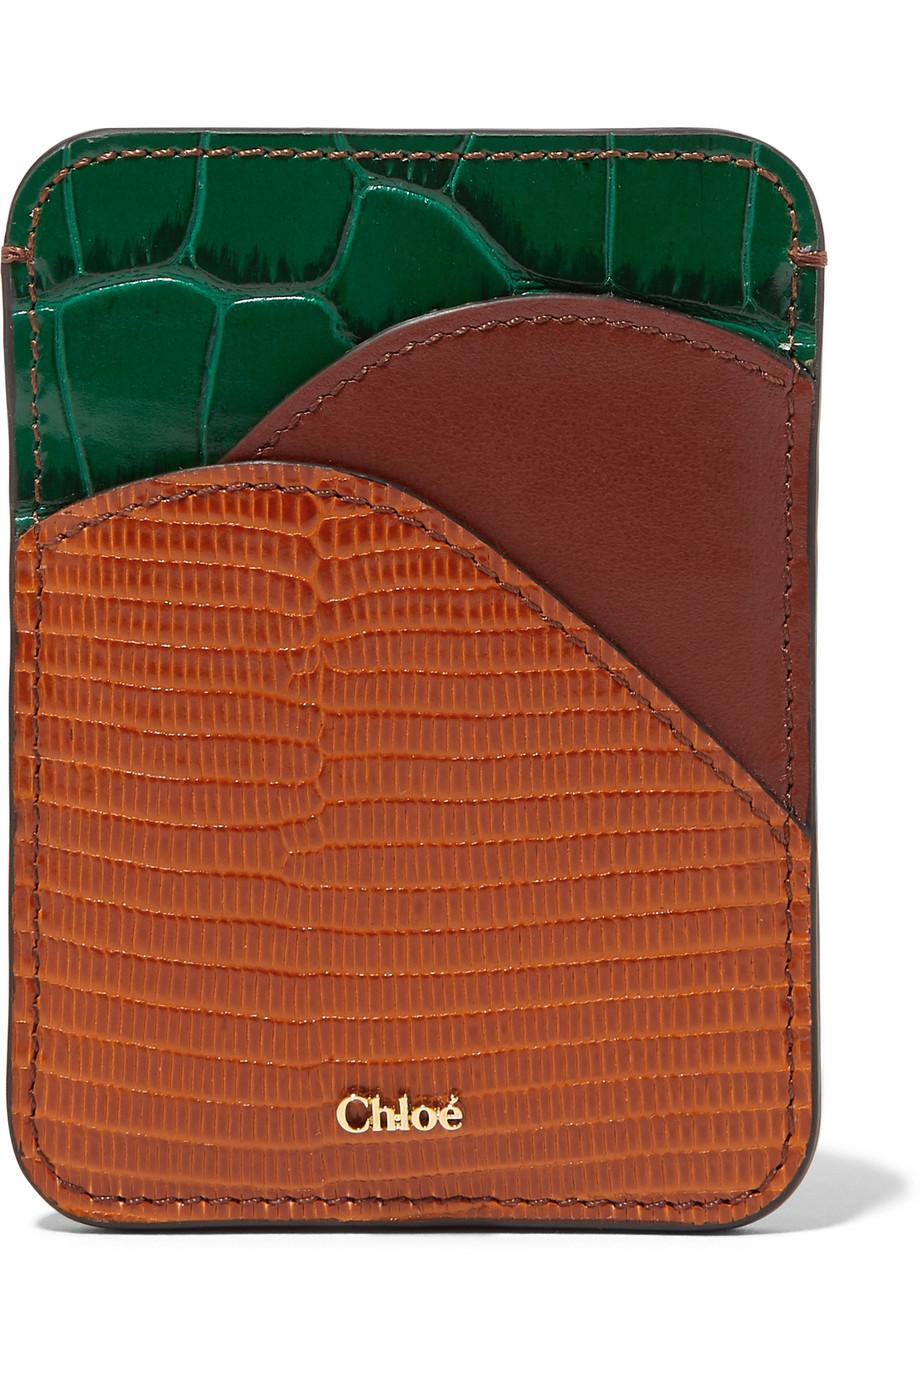 CHLOE COLOUR-BLOCK CARDHOLDER 185.jpg